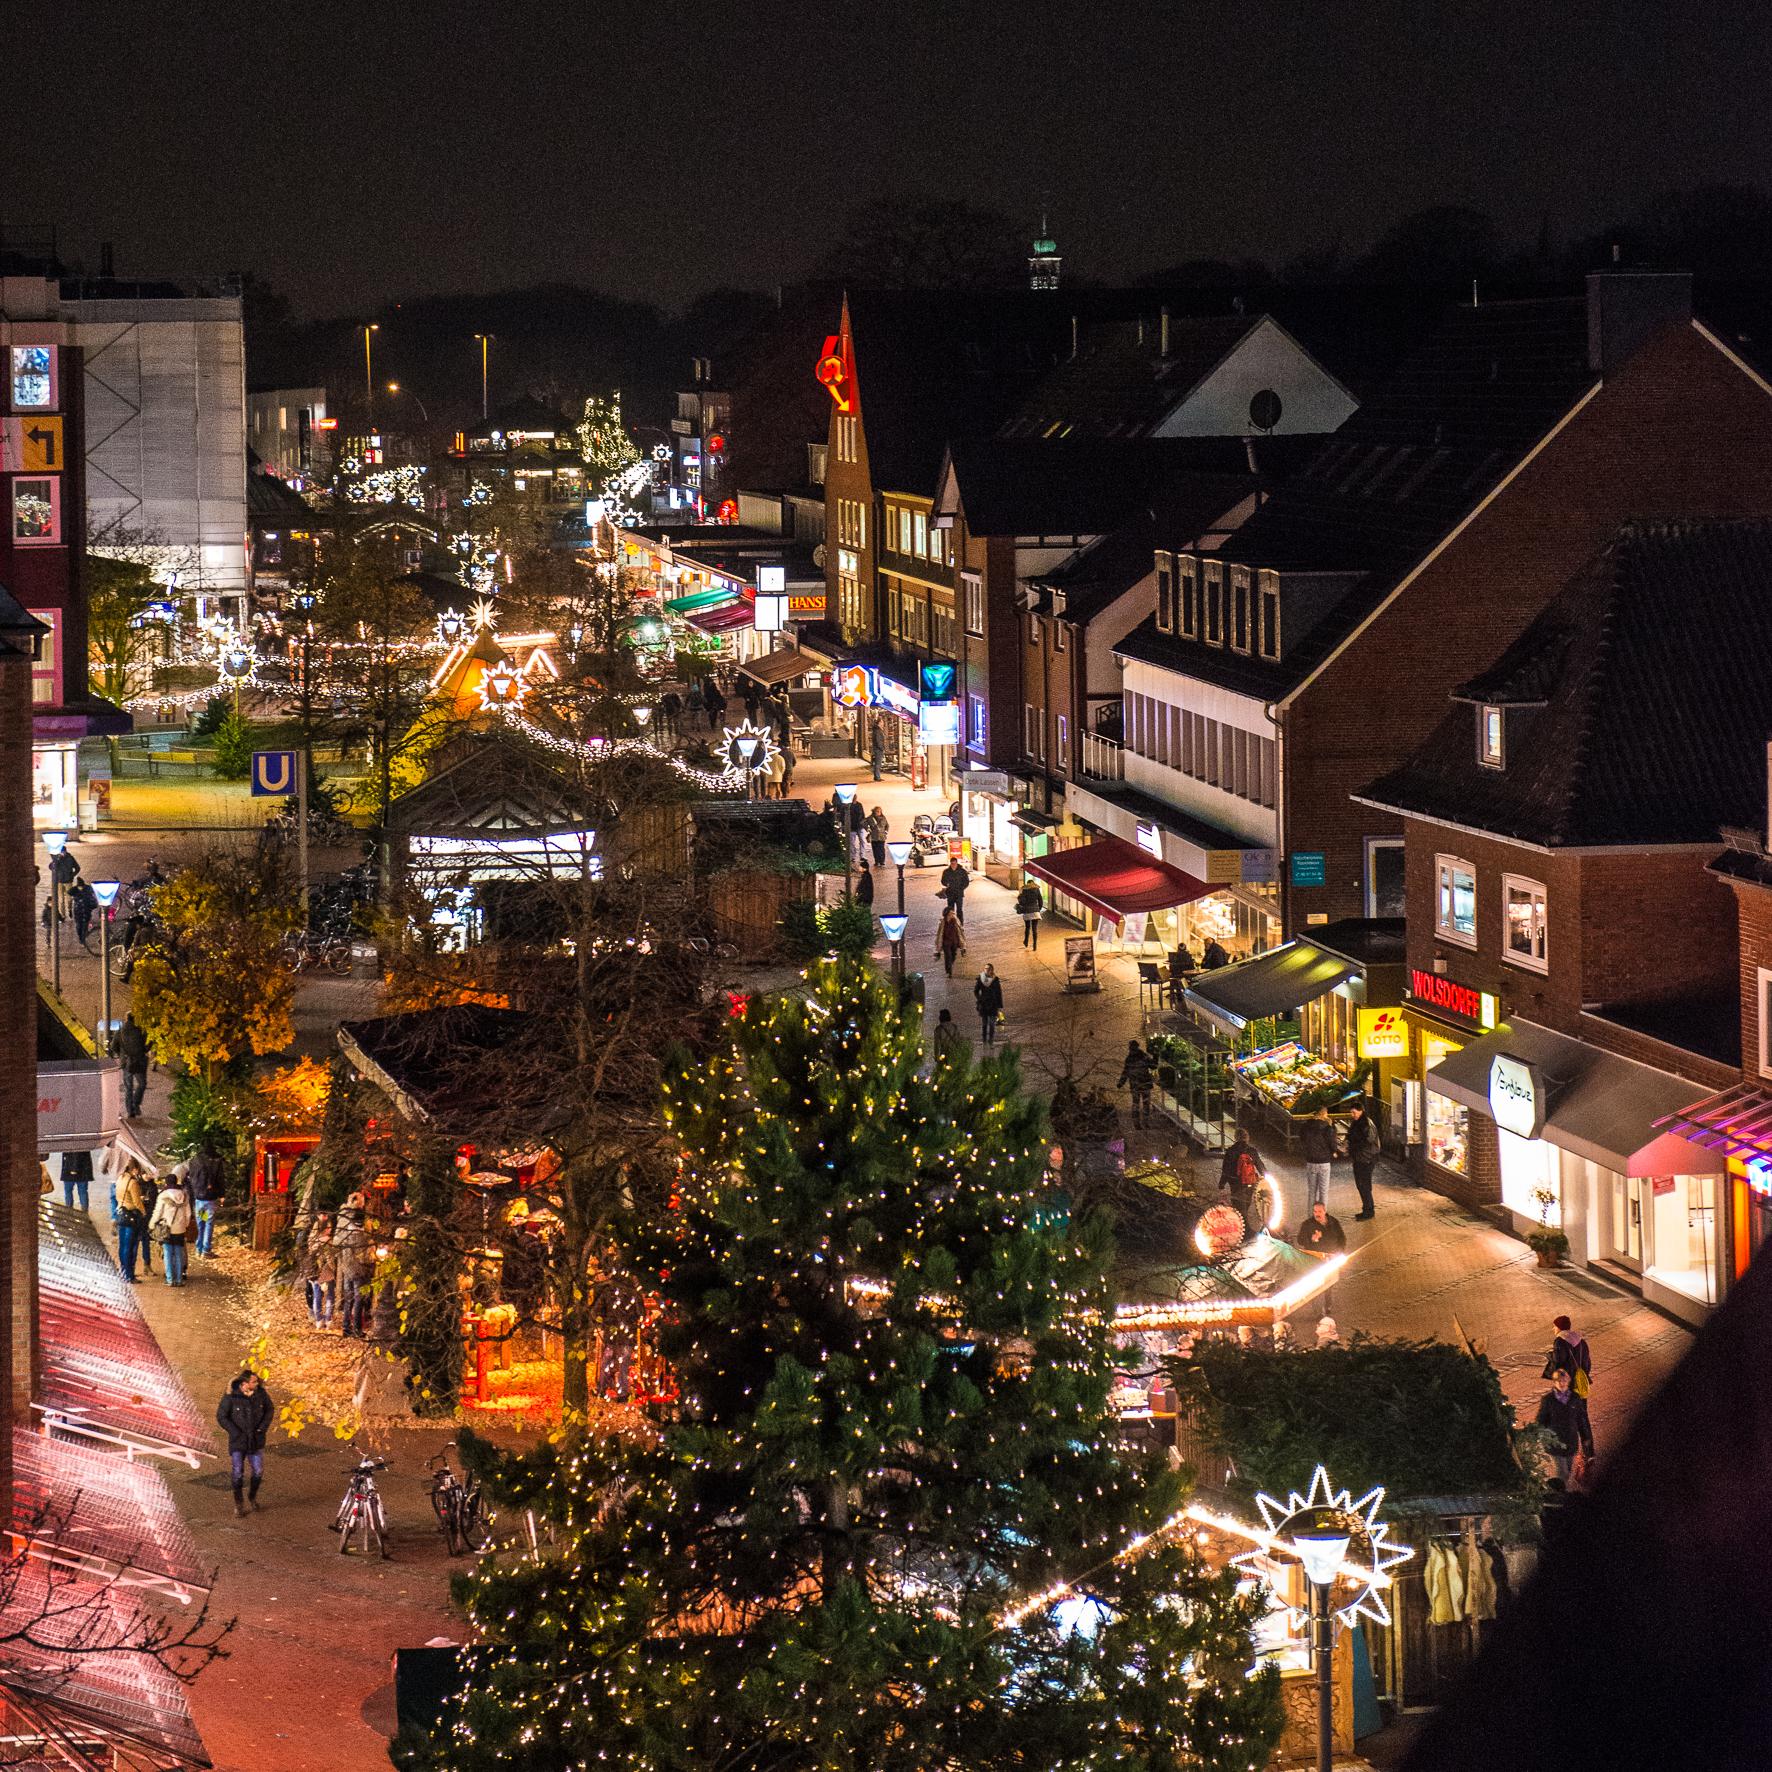 Weihnachtsmarkt Hamburg Heute Geöffnet.Der Schöne Weihnachtsmarkt Am Tibarg Eignet Sich Perfekt Für Einen